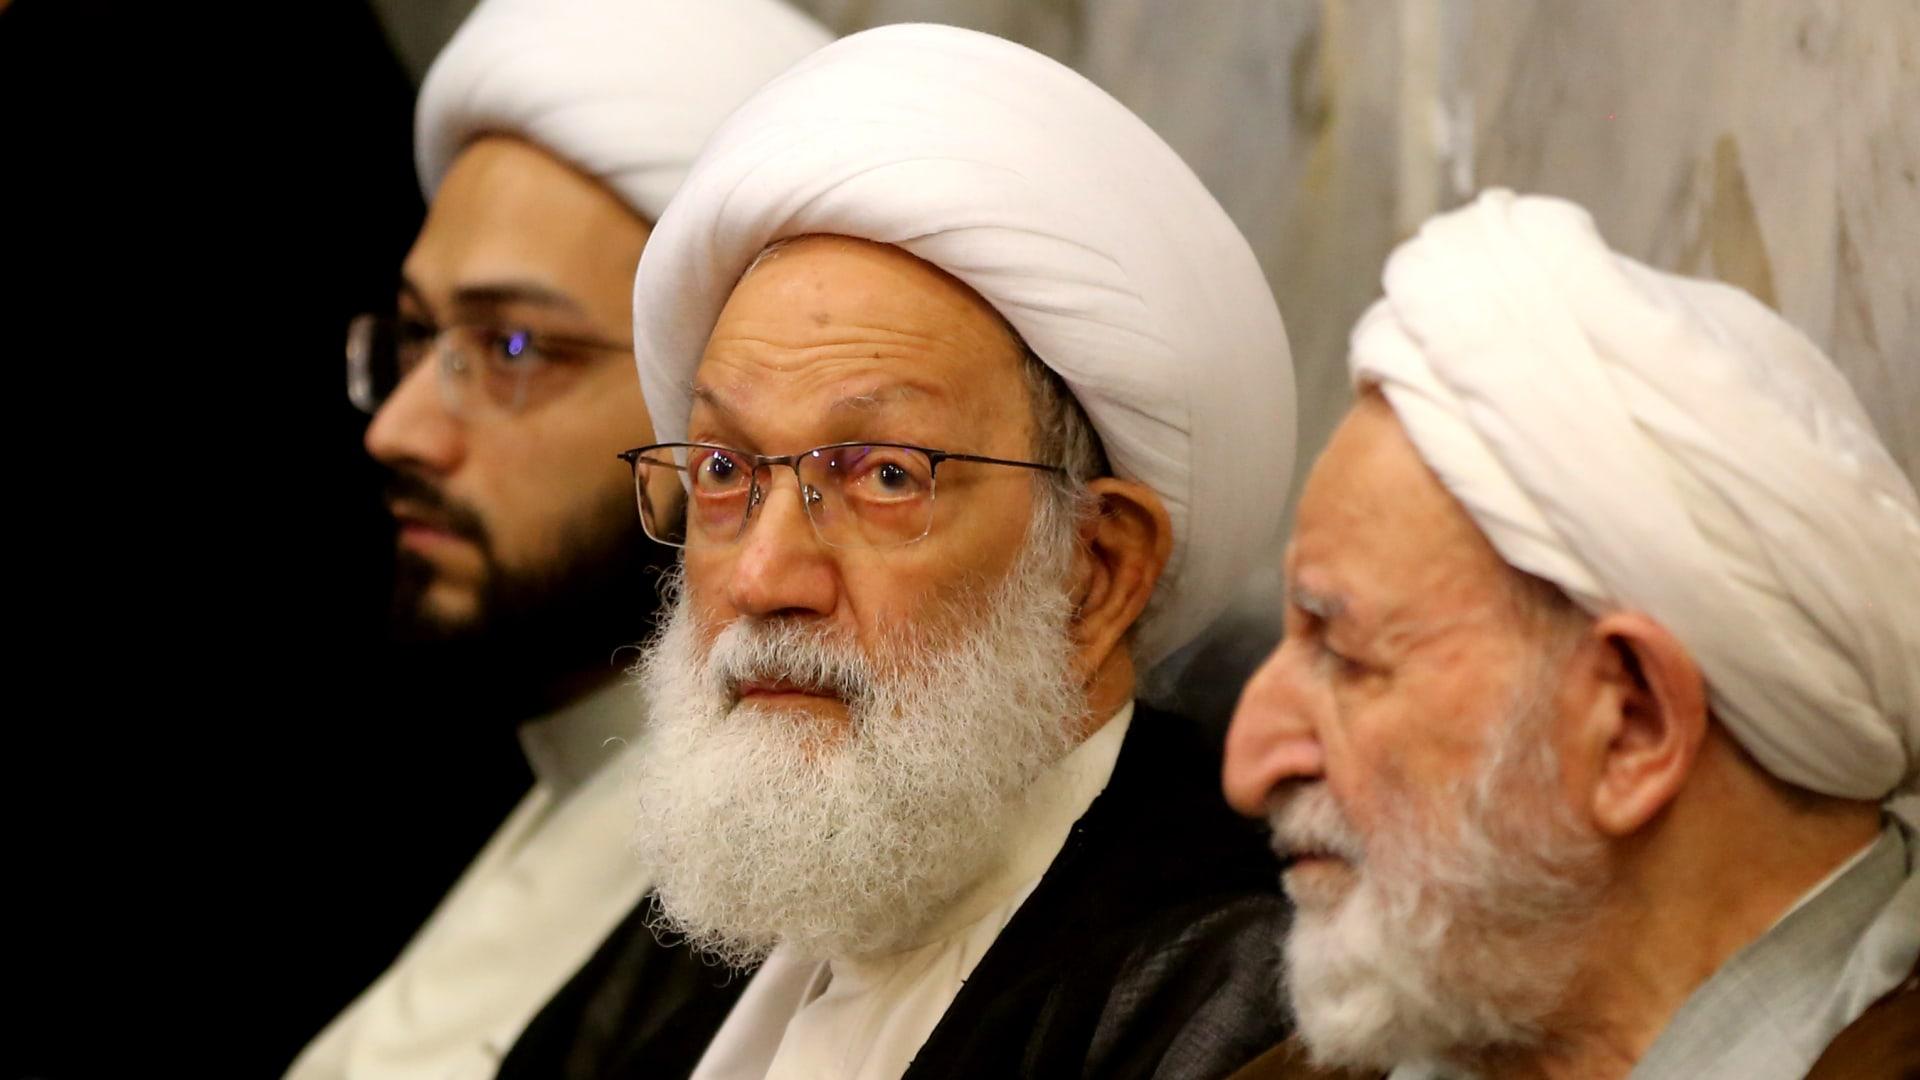 صورة أرشيفية لرجل الدين الشيعي عيسى قاسم (وسط) بمدينة قم الإيرانية في سبتمبر 2019